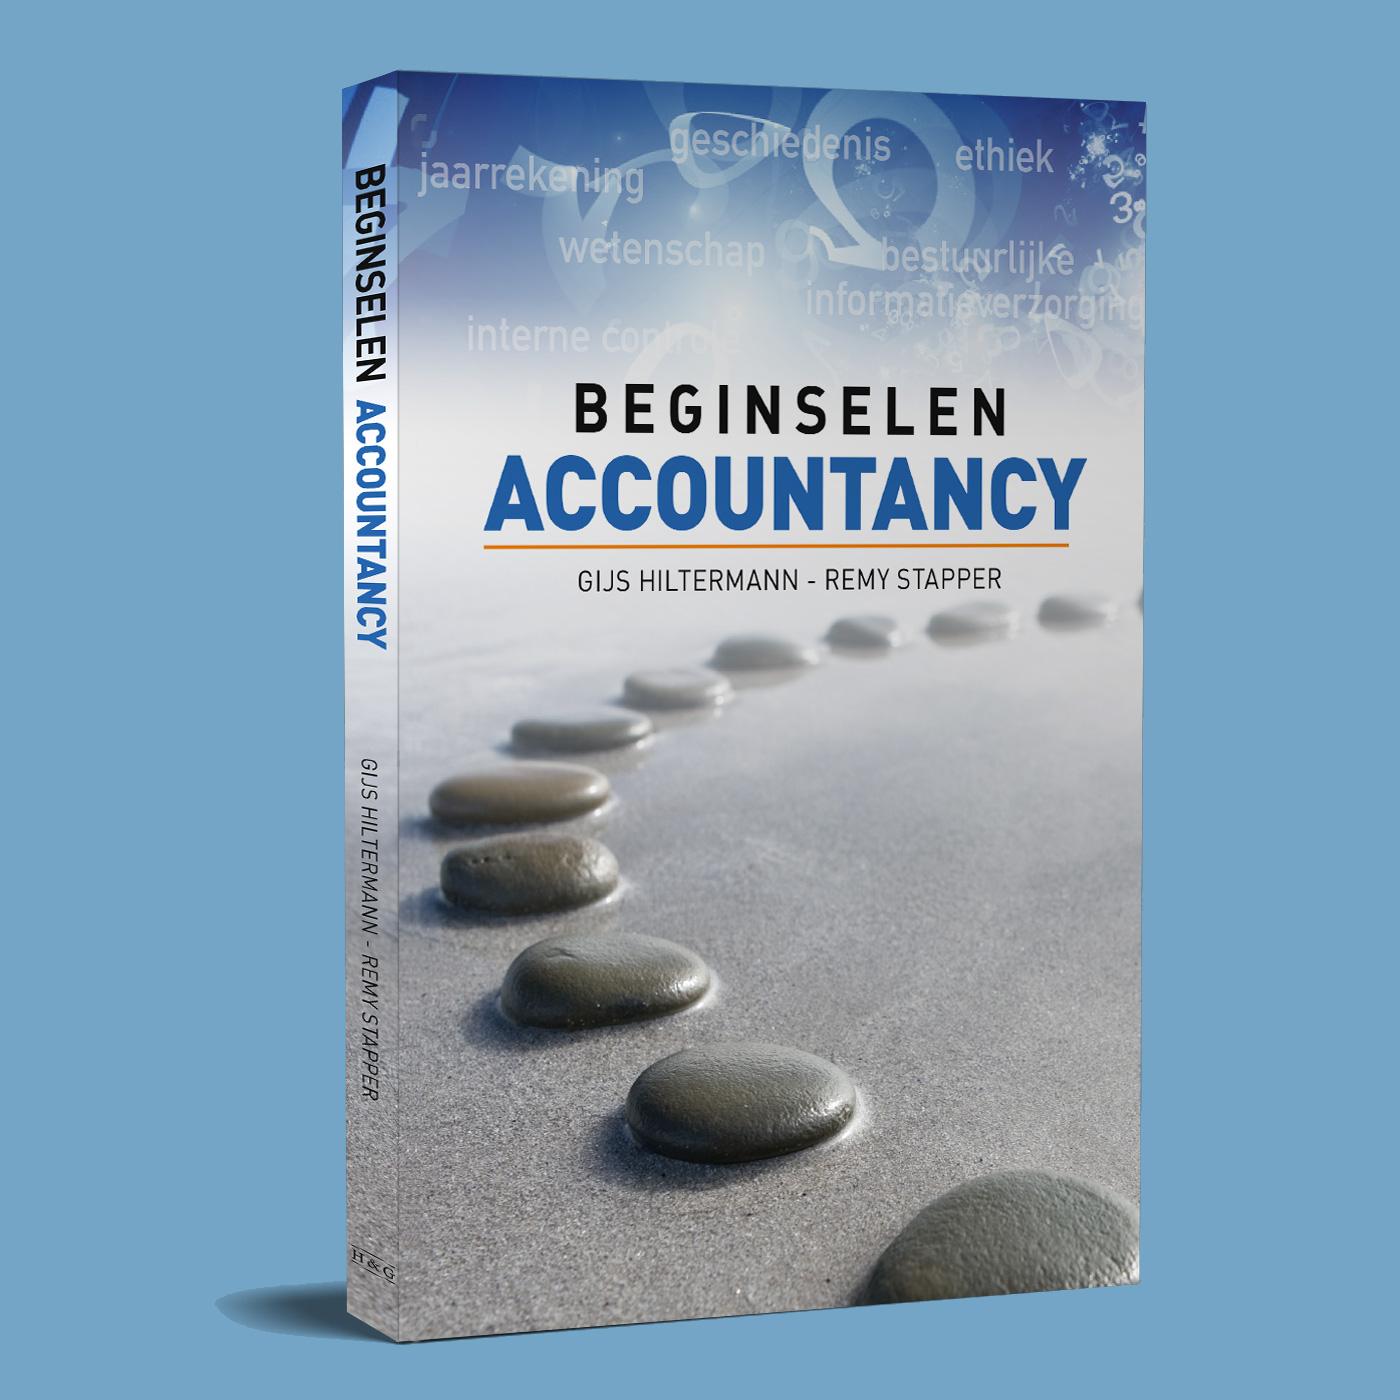 Opmaak en drukwerk van het boek Beginselen Accountancy, een van de diverse uitgaven van H